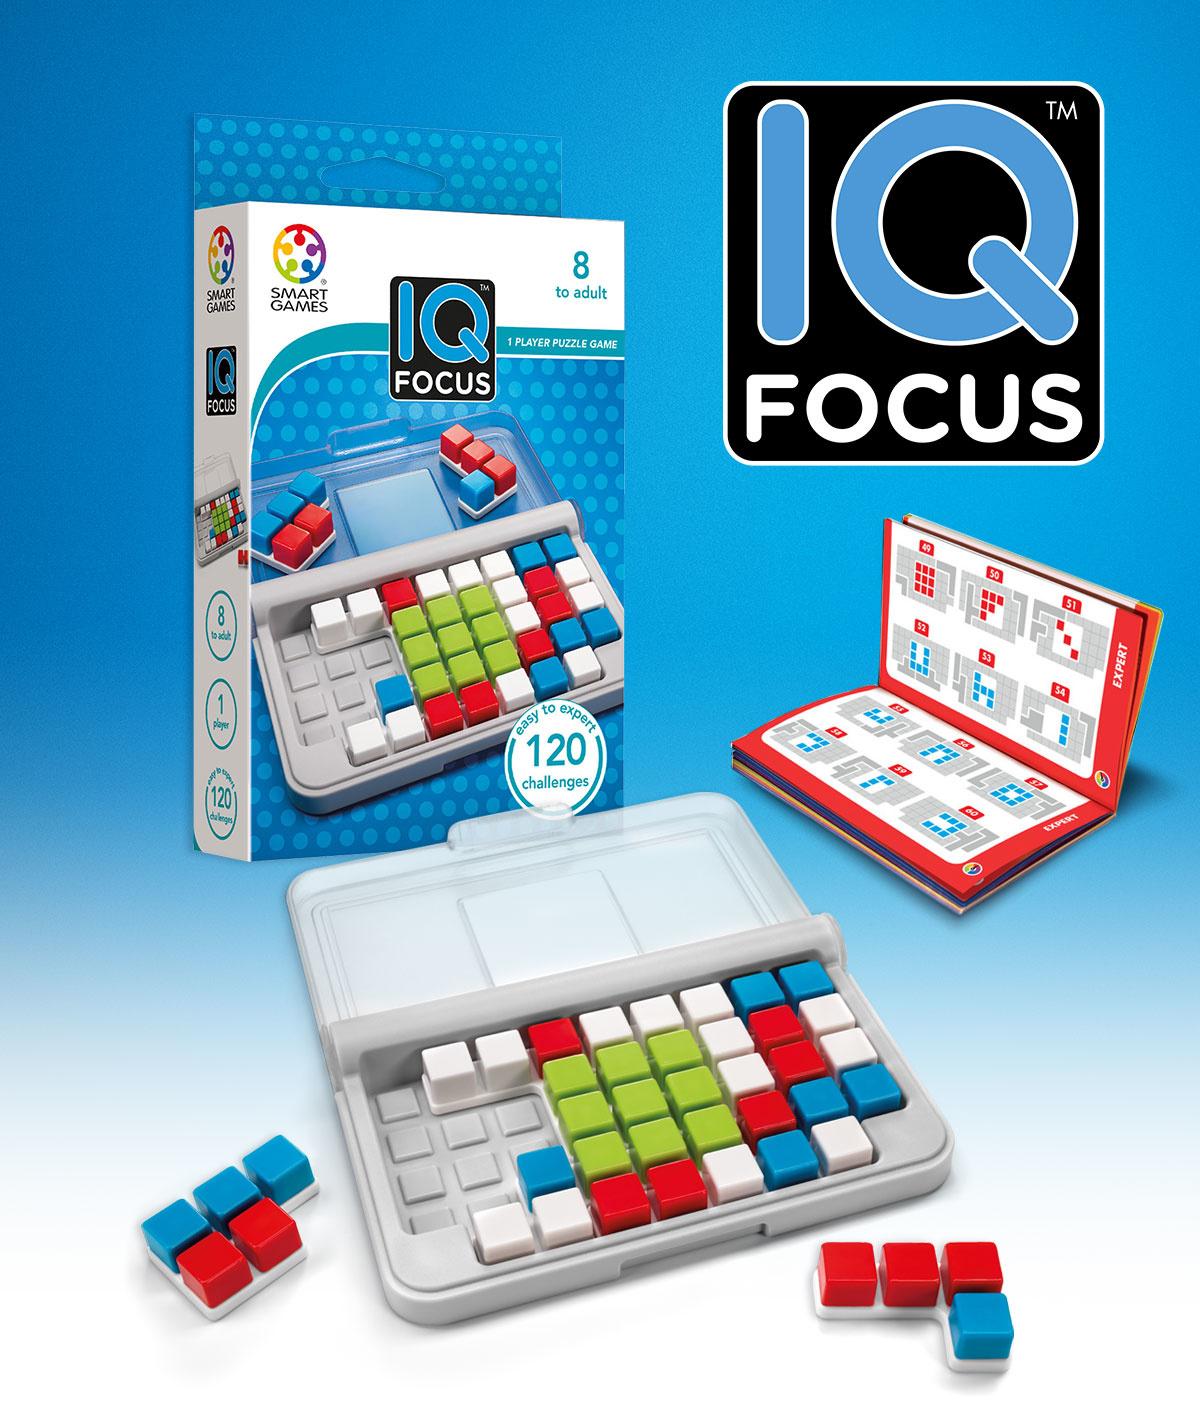 Game/IQ Focus-3